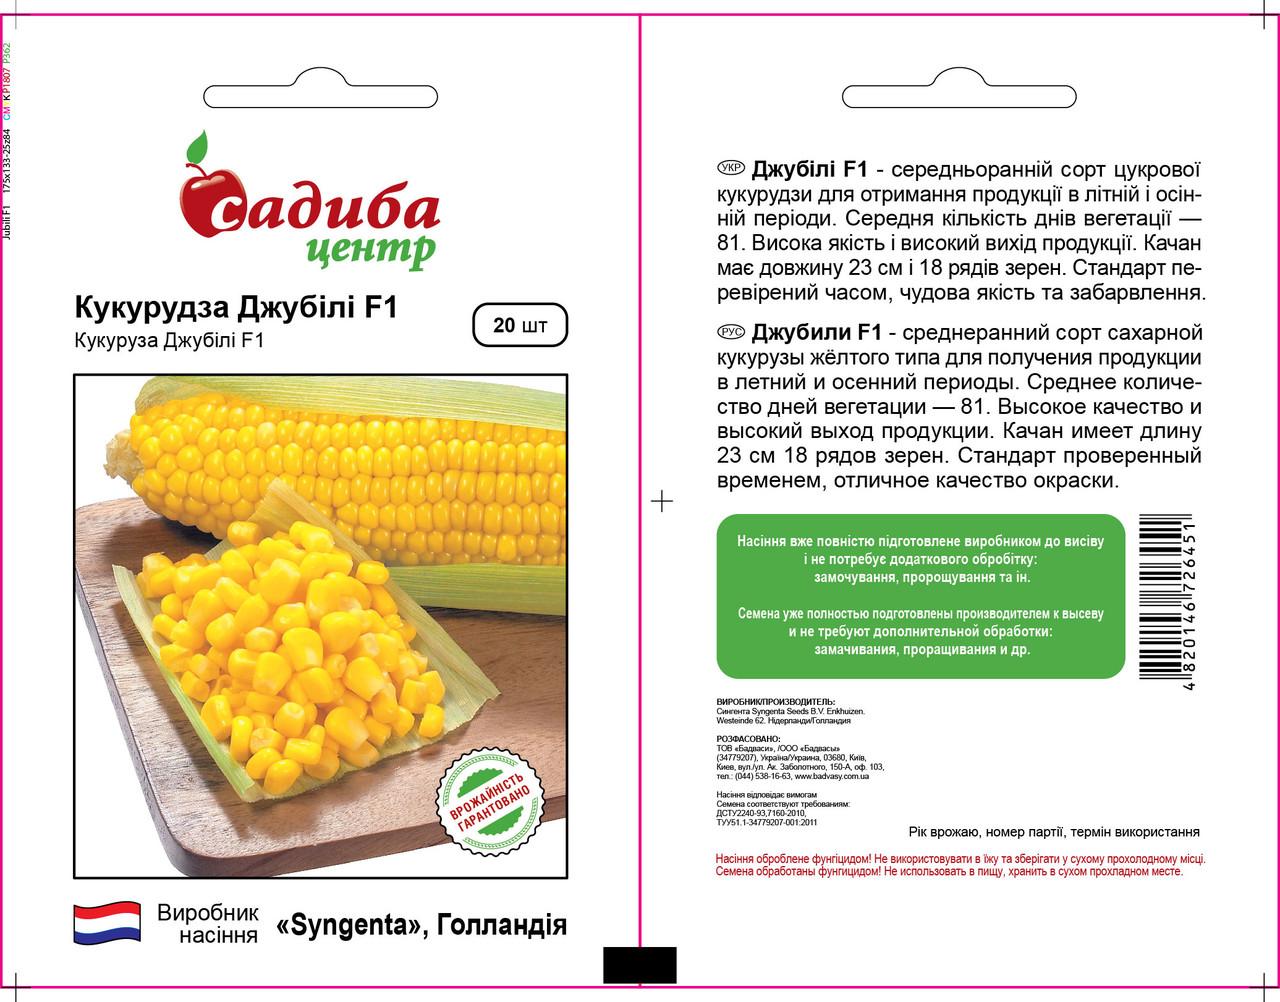 Семена кукурузы Джубили F1 (Syngenta, САДЫБА ЦЕНТР), 20 шт - среднеспелая (80 дней), сладкая